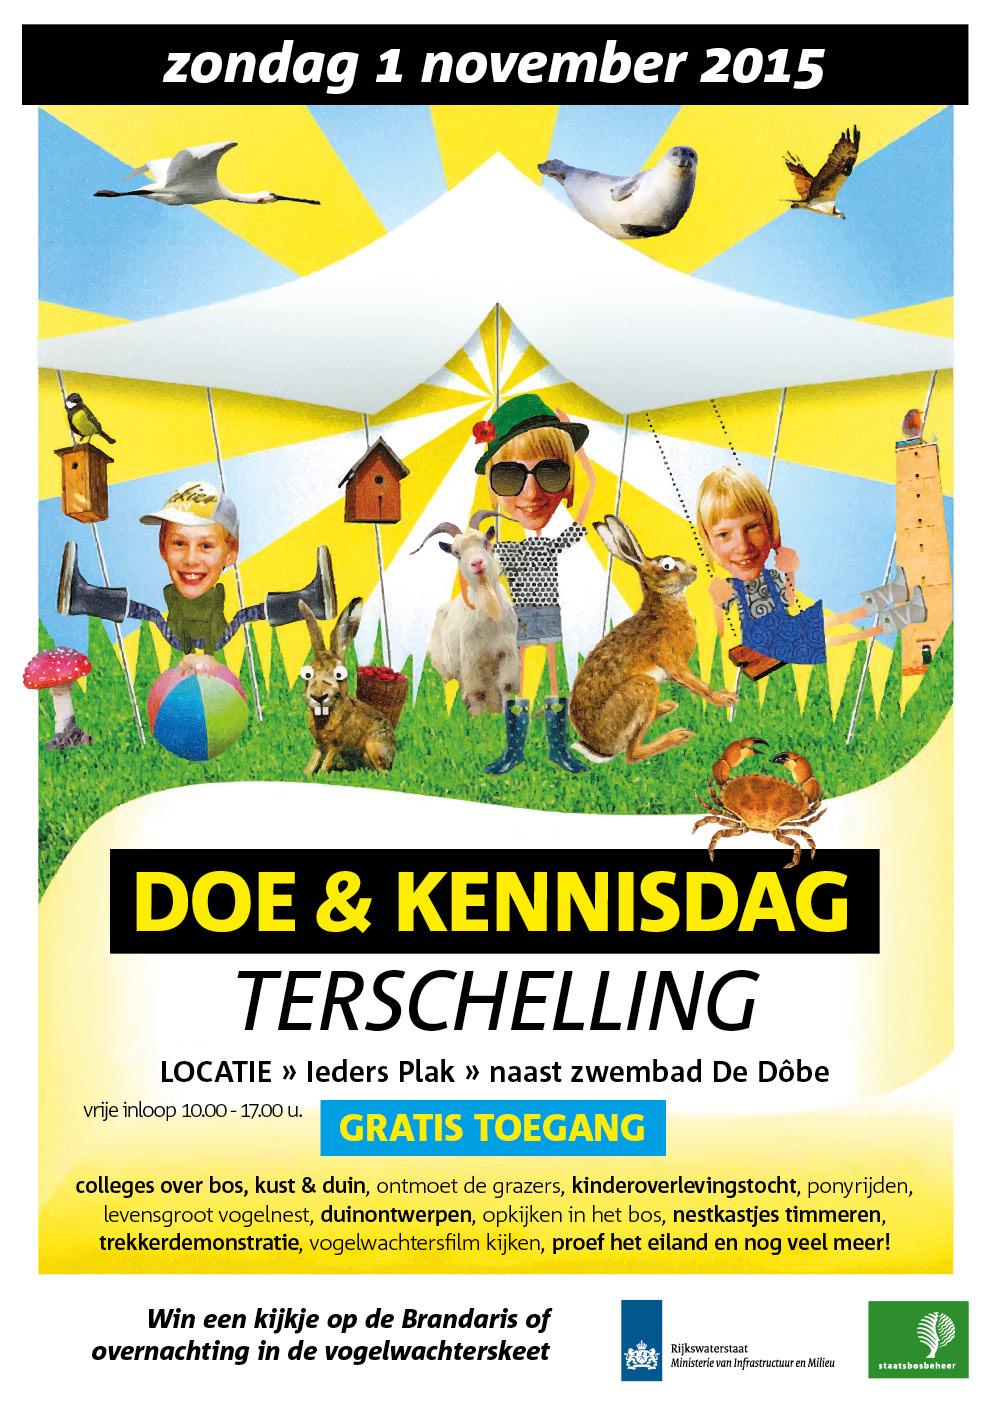 A4_poster_Doe-en_kennisdag_terschelling_DEF2